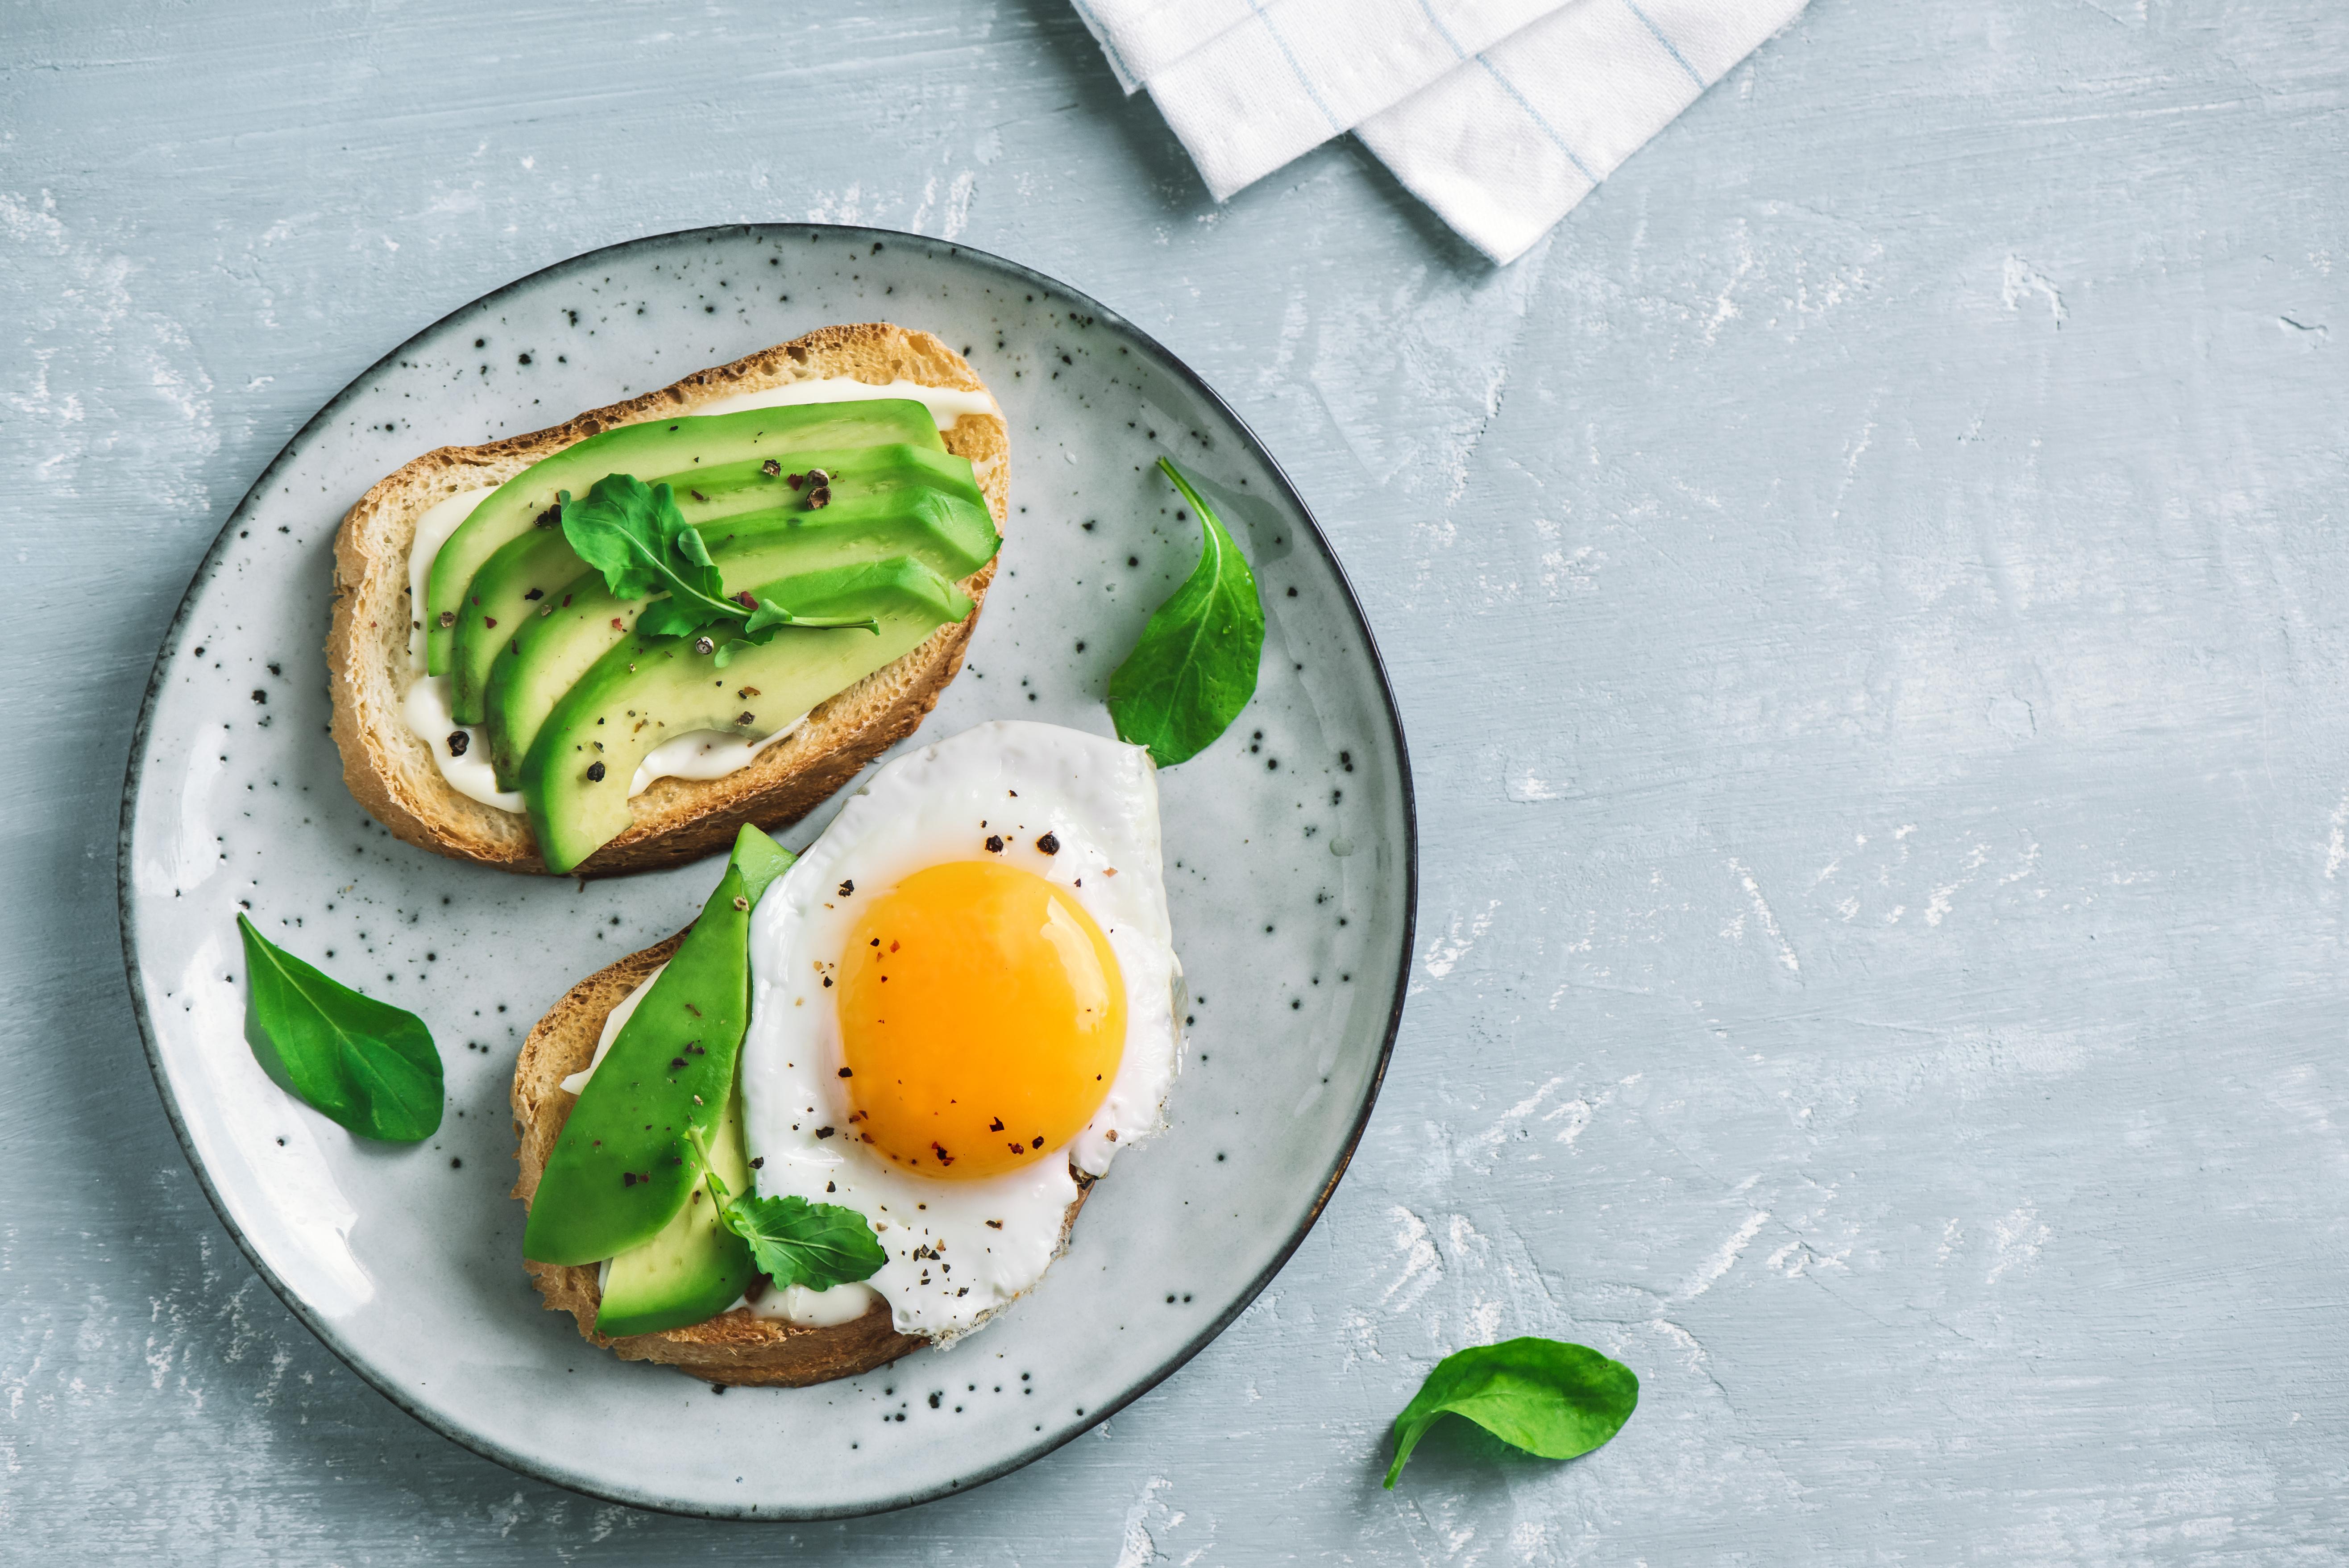 Les patients atteints de diabète de type 2 peuvent améliorer leur capacité à réguler leur glycémie s'ils consomment des aliments contenant moins de glucides et davantage de protéines et de lipides